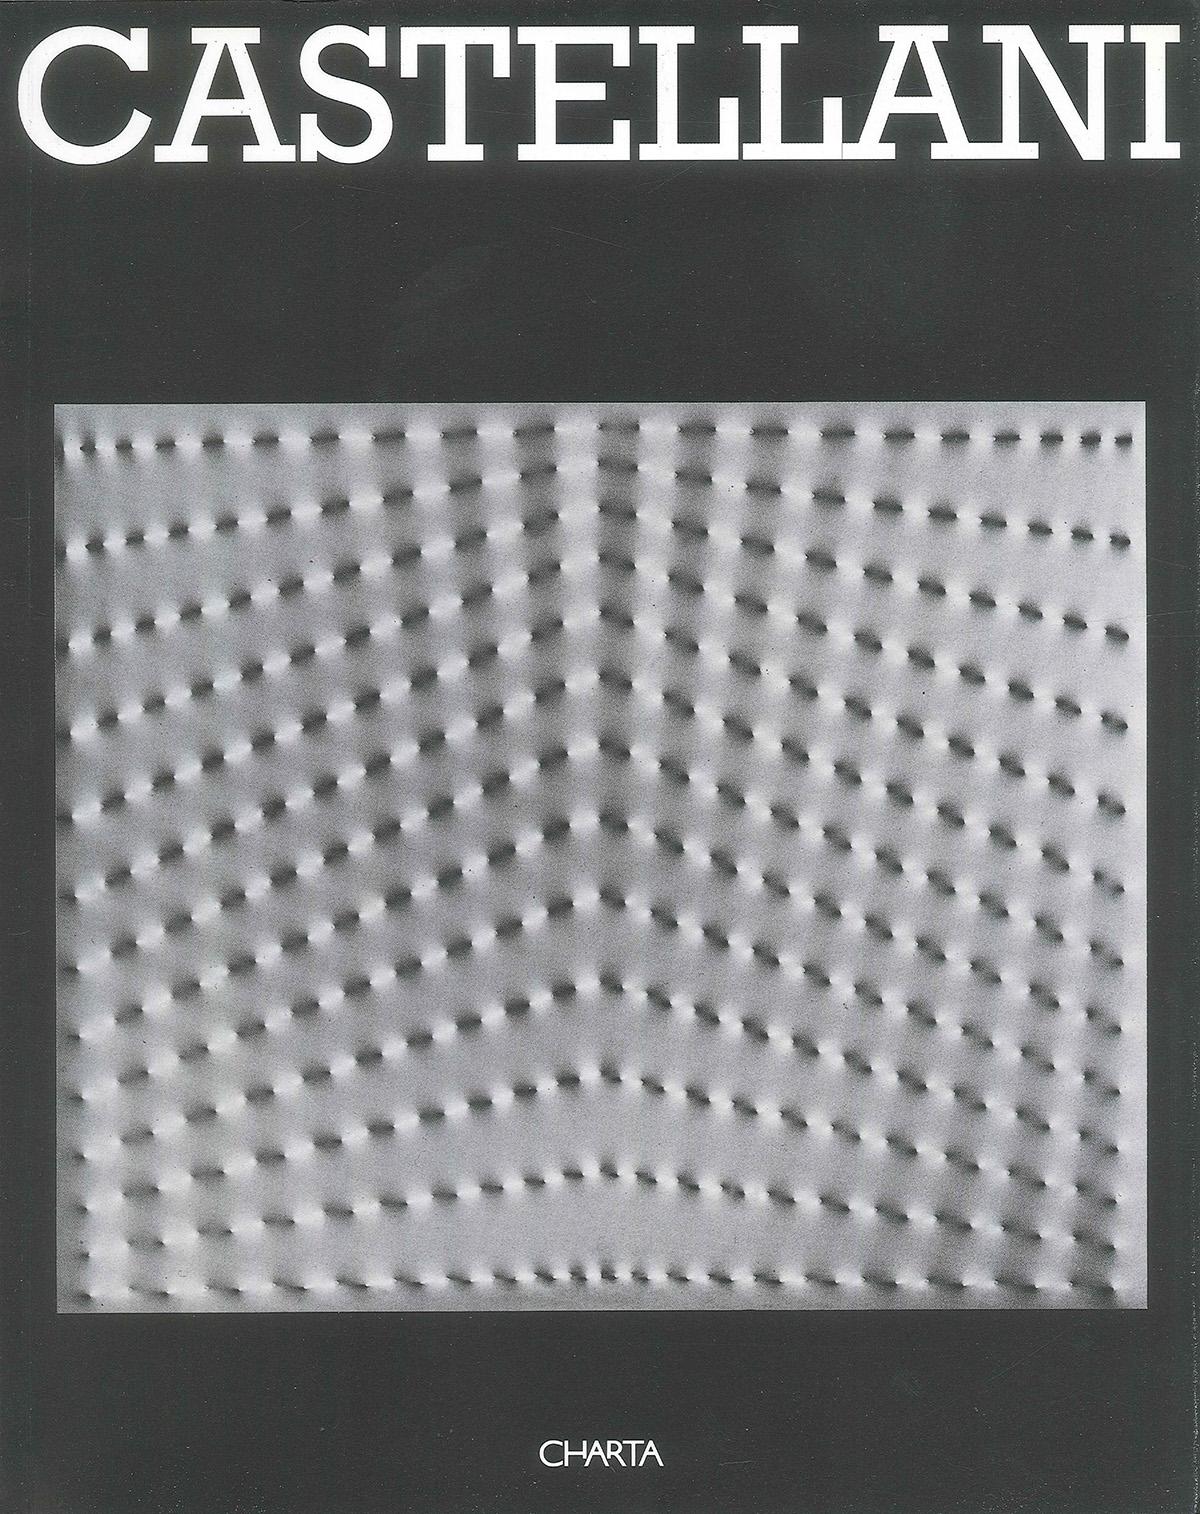 Copertina - Castellani, Bruno Corà, 1996, Palazzo Fabroni, Charta Edizioni, Pistoia, Charta Edizioni